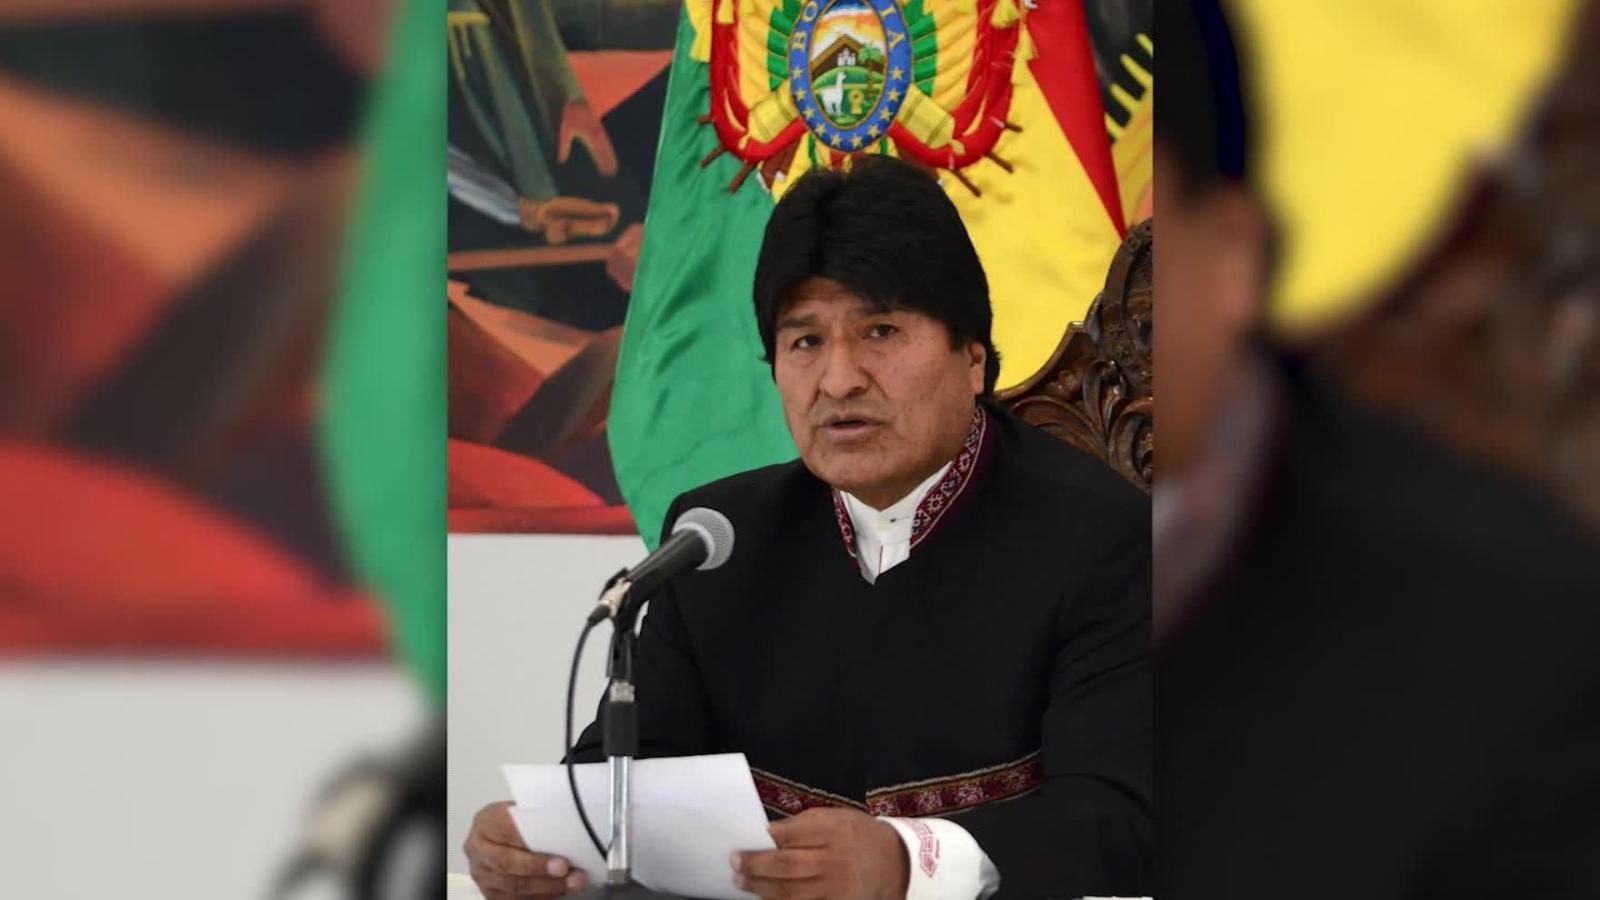 ¿Tiene Evo Morales derecho a reelegirse en Bolivia?